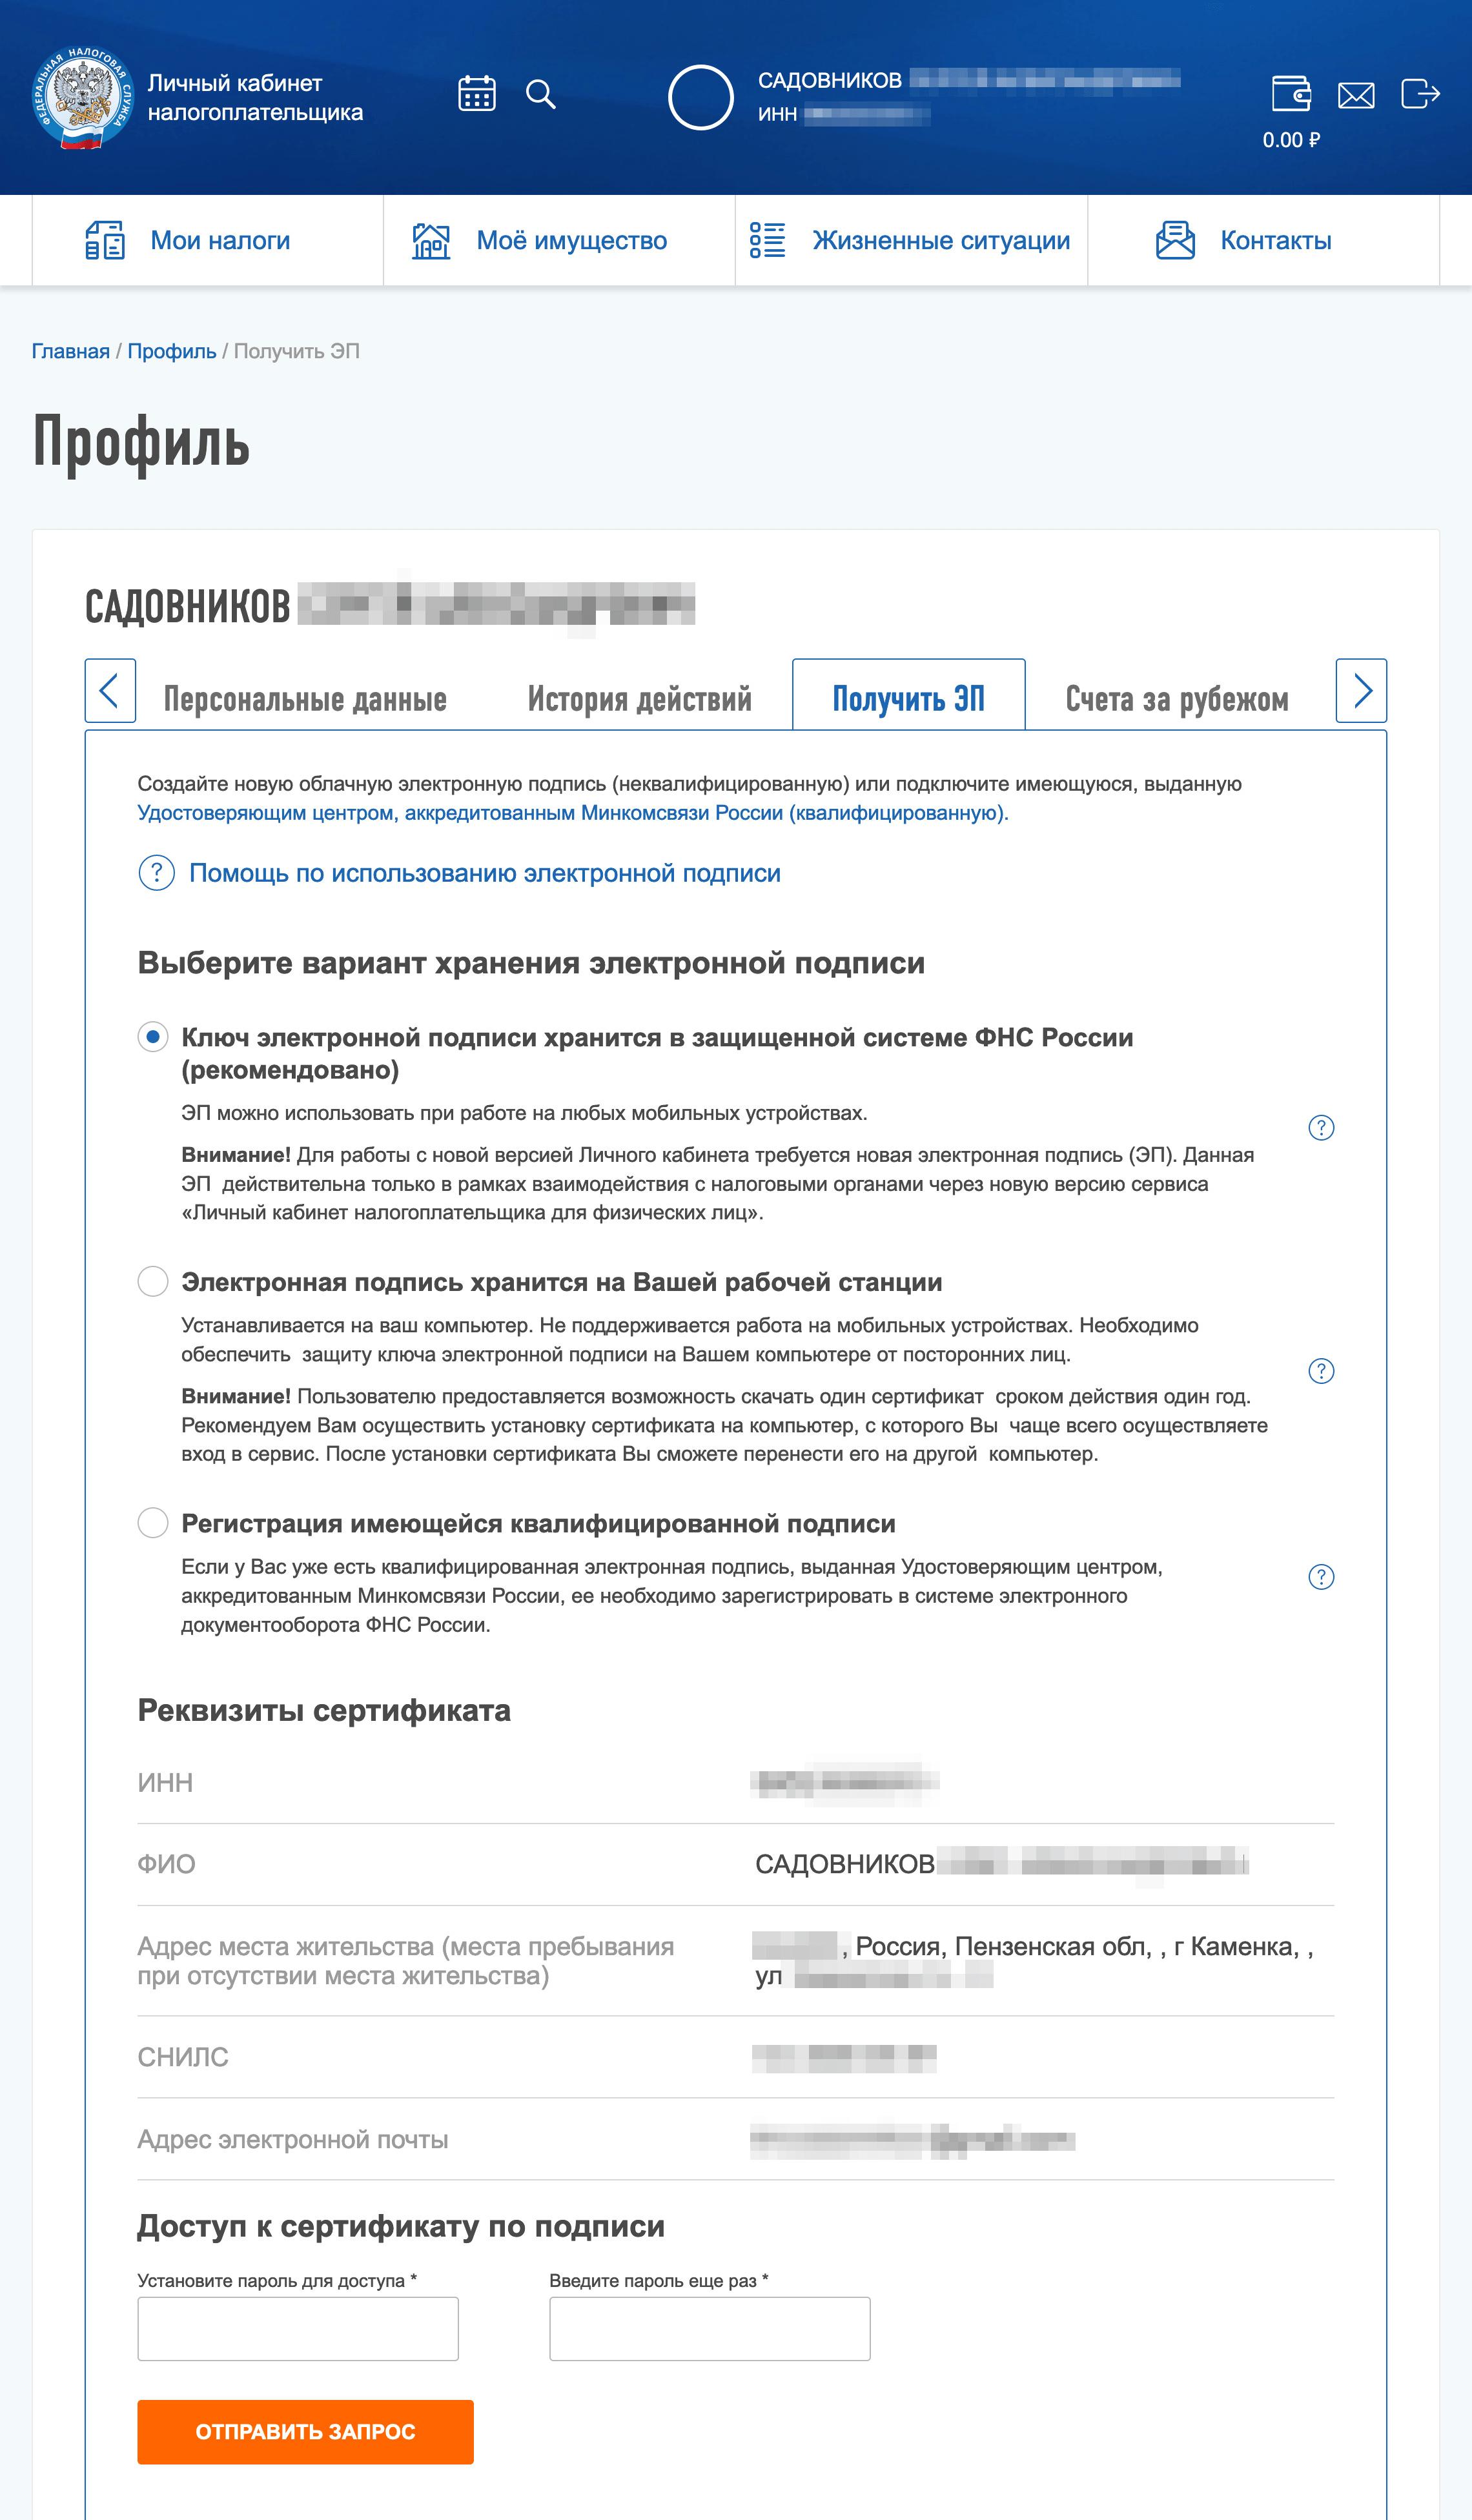 Выбор способа и варианта хранения электронной подписи. Нужно только придумать пароль к сертификату и нажать «Отправить запрос»